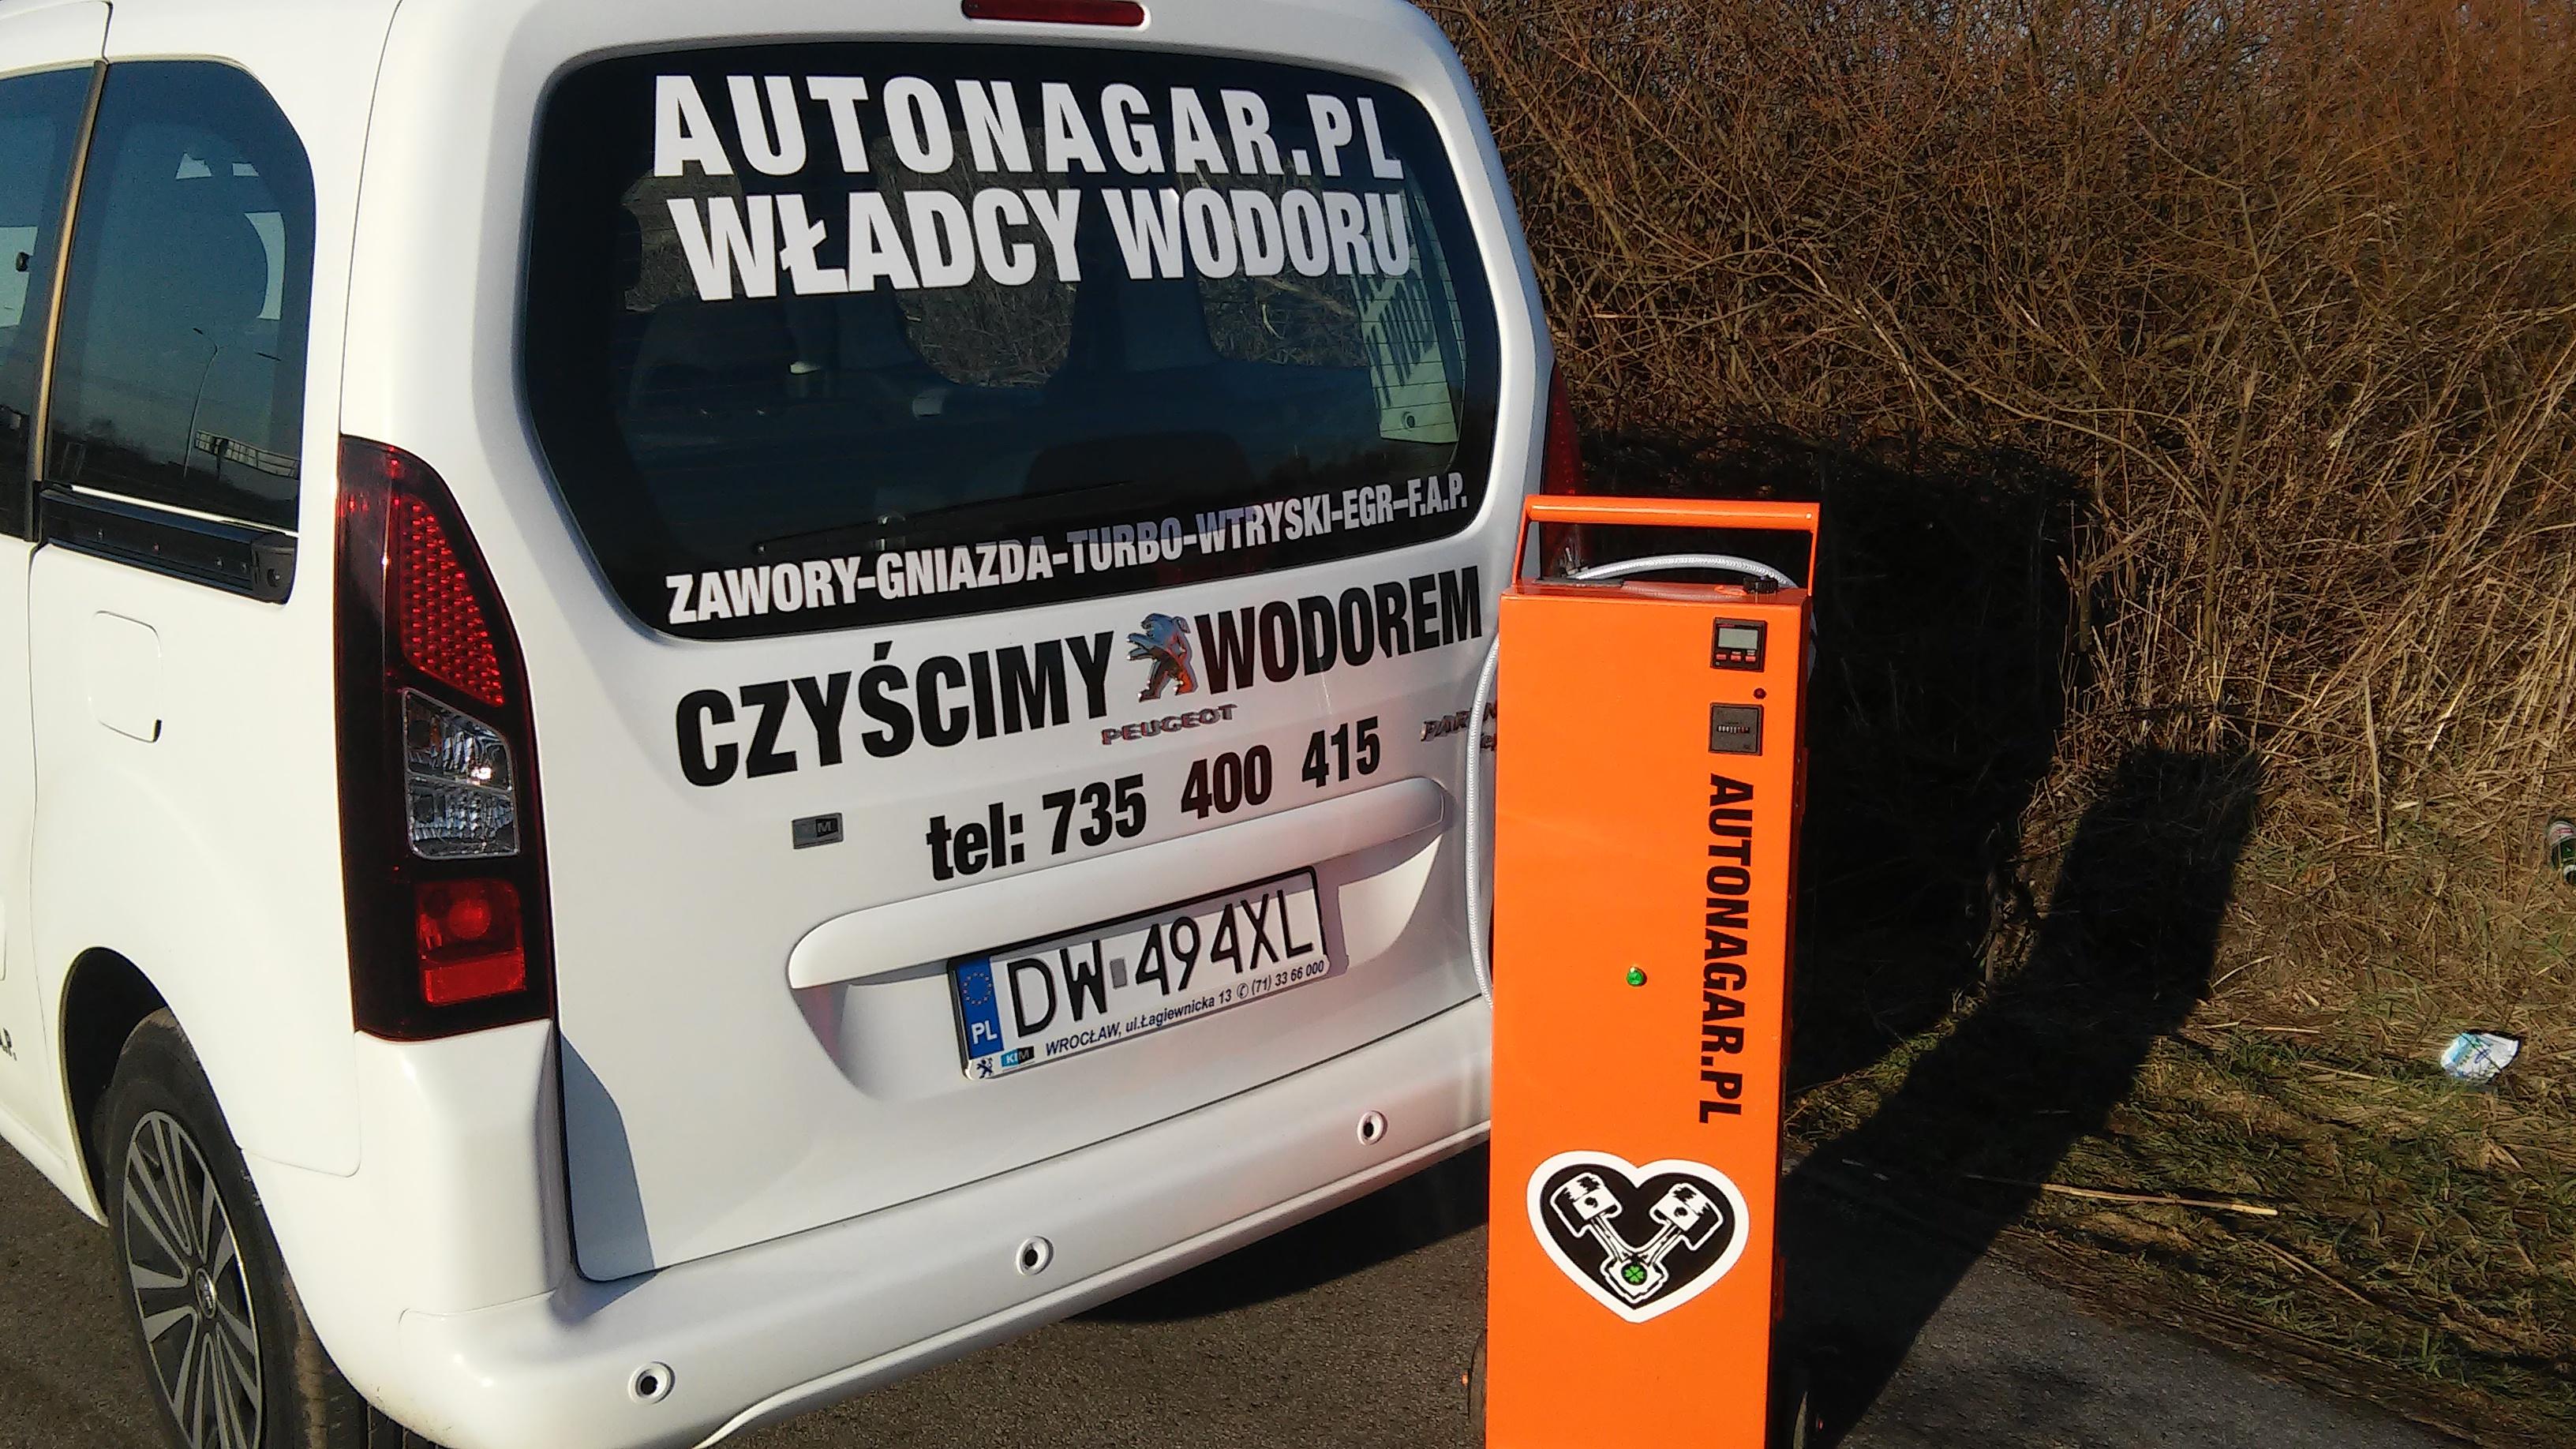 Autonagar.pl,wodorowanie urządzenia